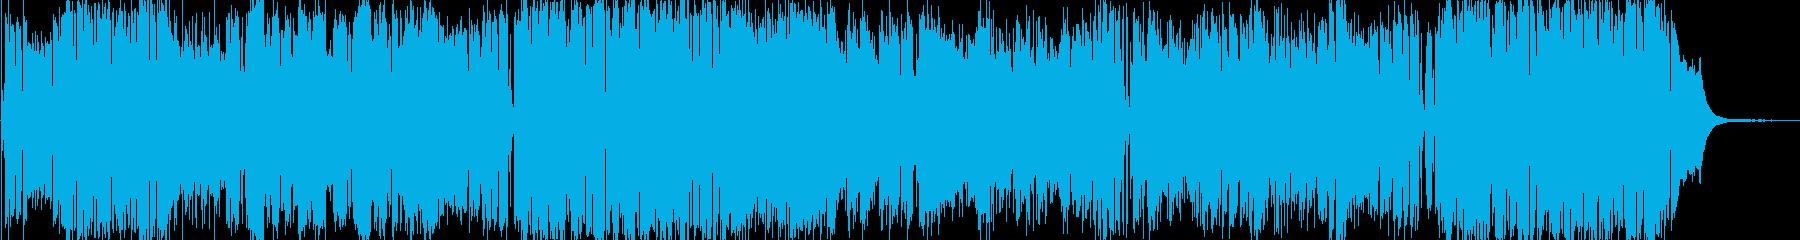 ヴァイオリンの軽快なポップスの再生済みの波形